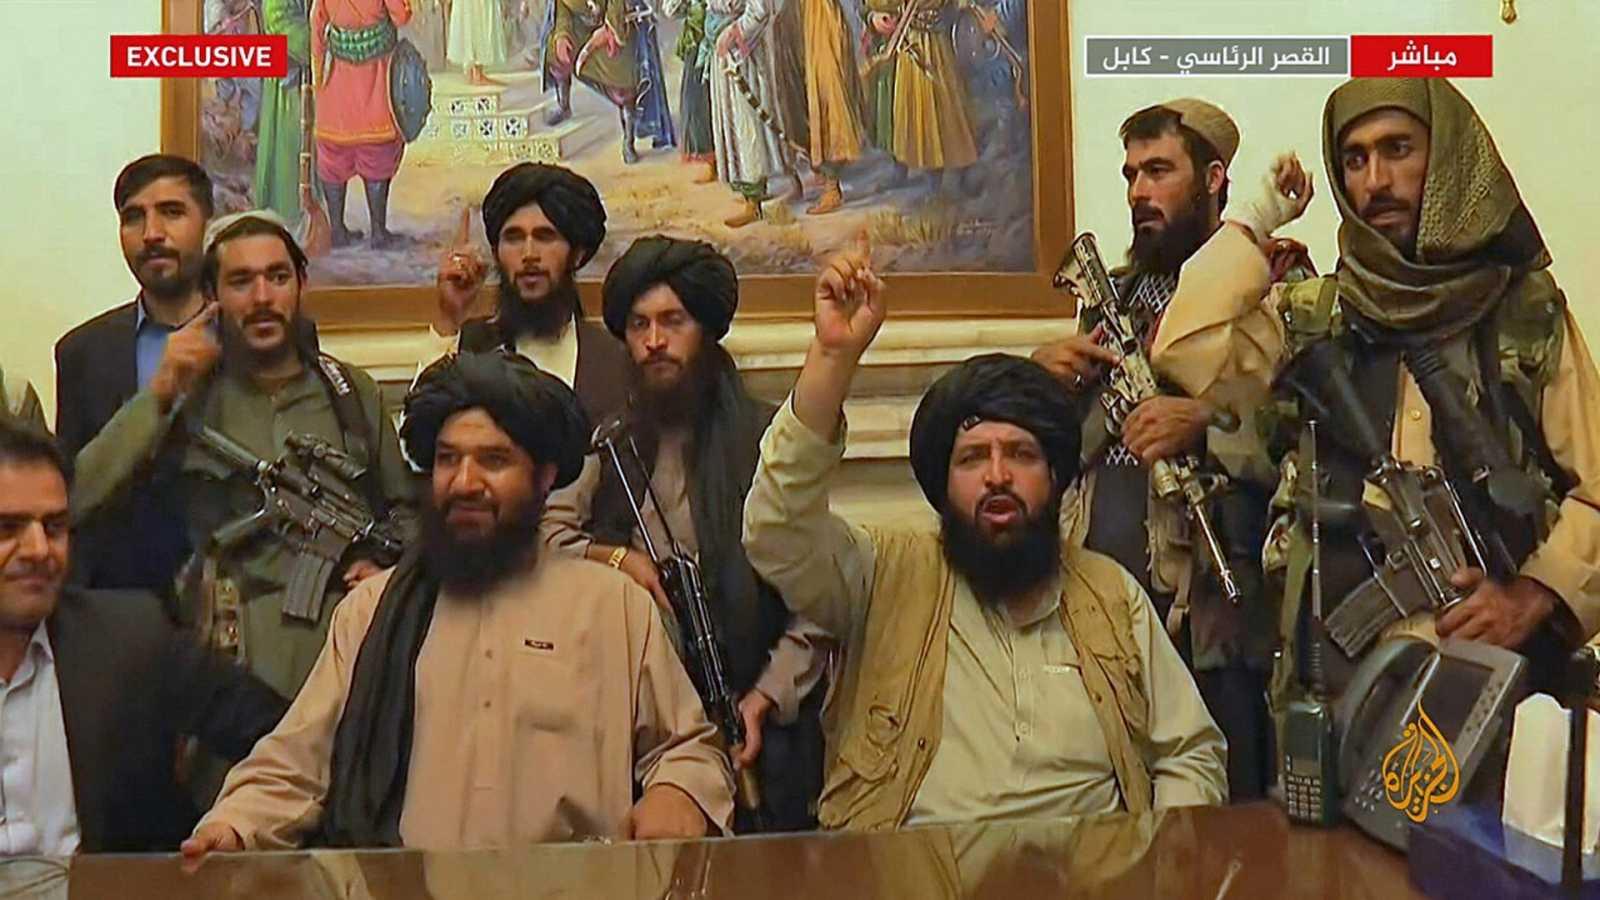 Quiénes son los líderes del movimiento talibán?